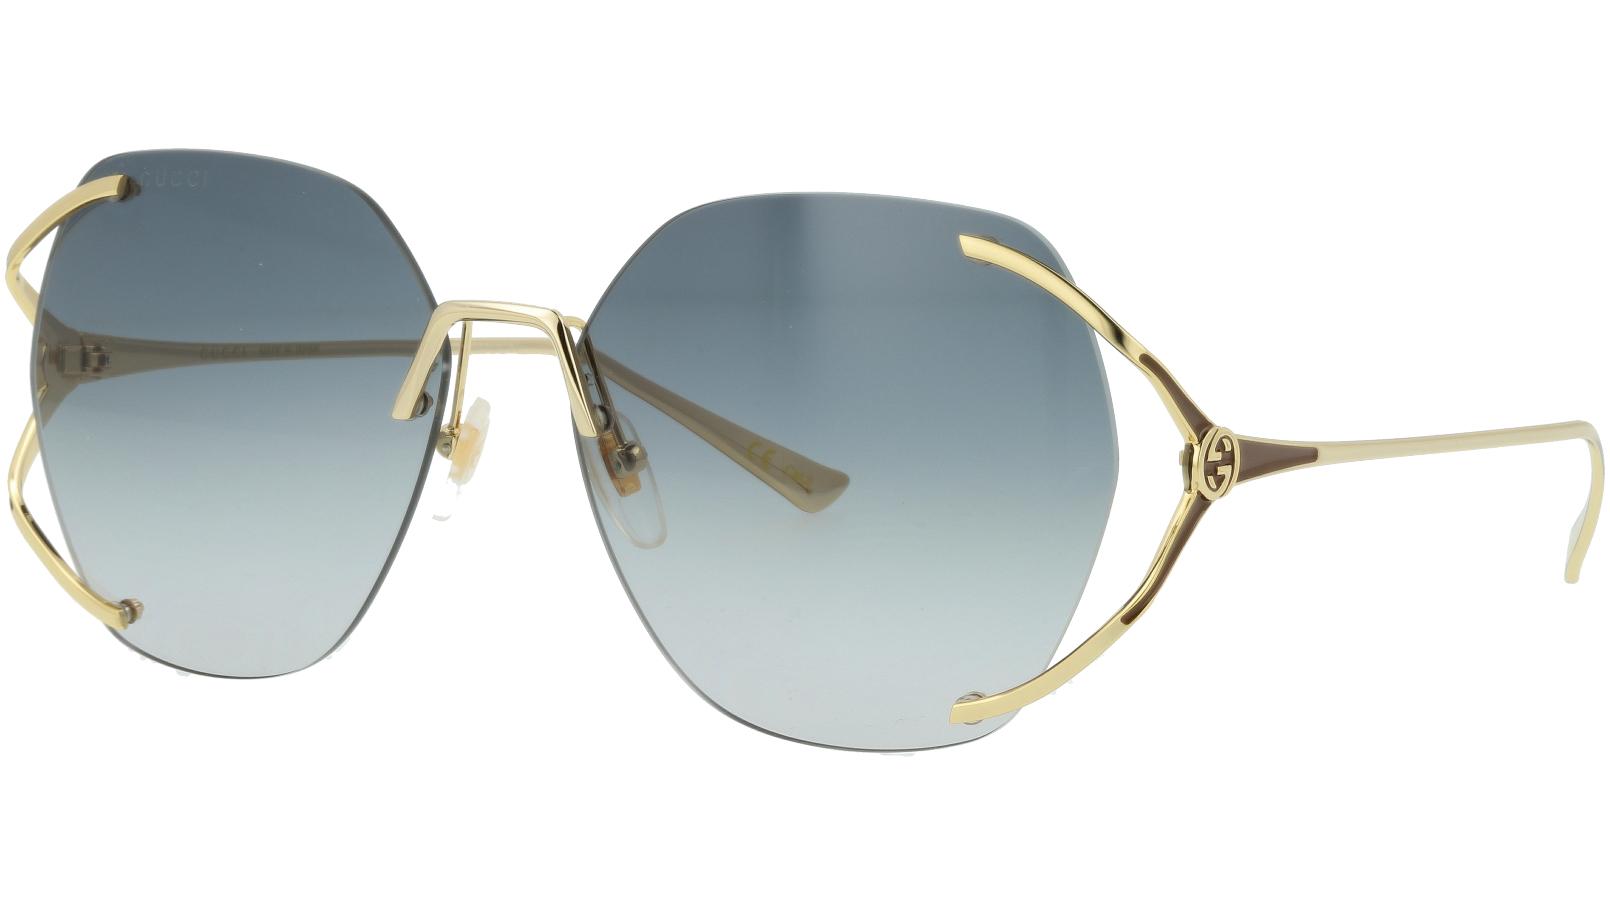 Gucci GG0651S 002 59 Gold Oval Sunglasses